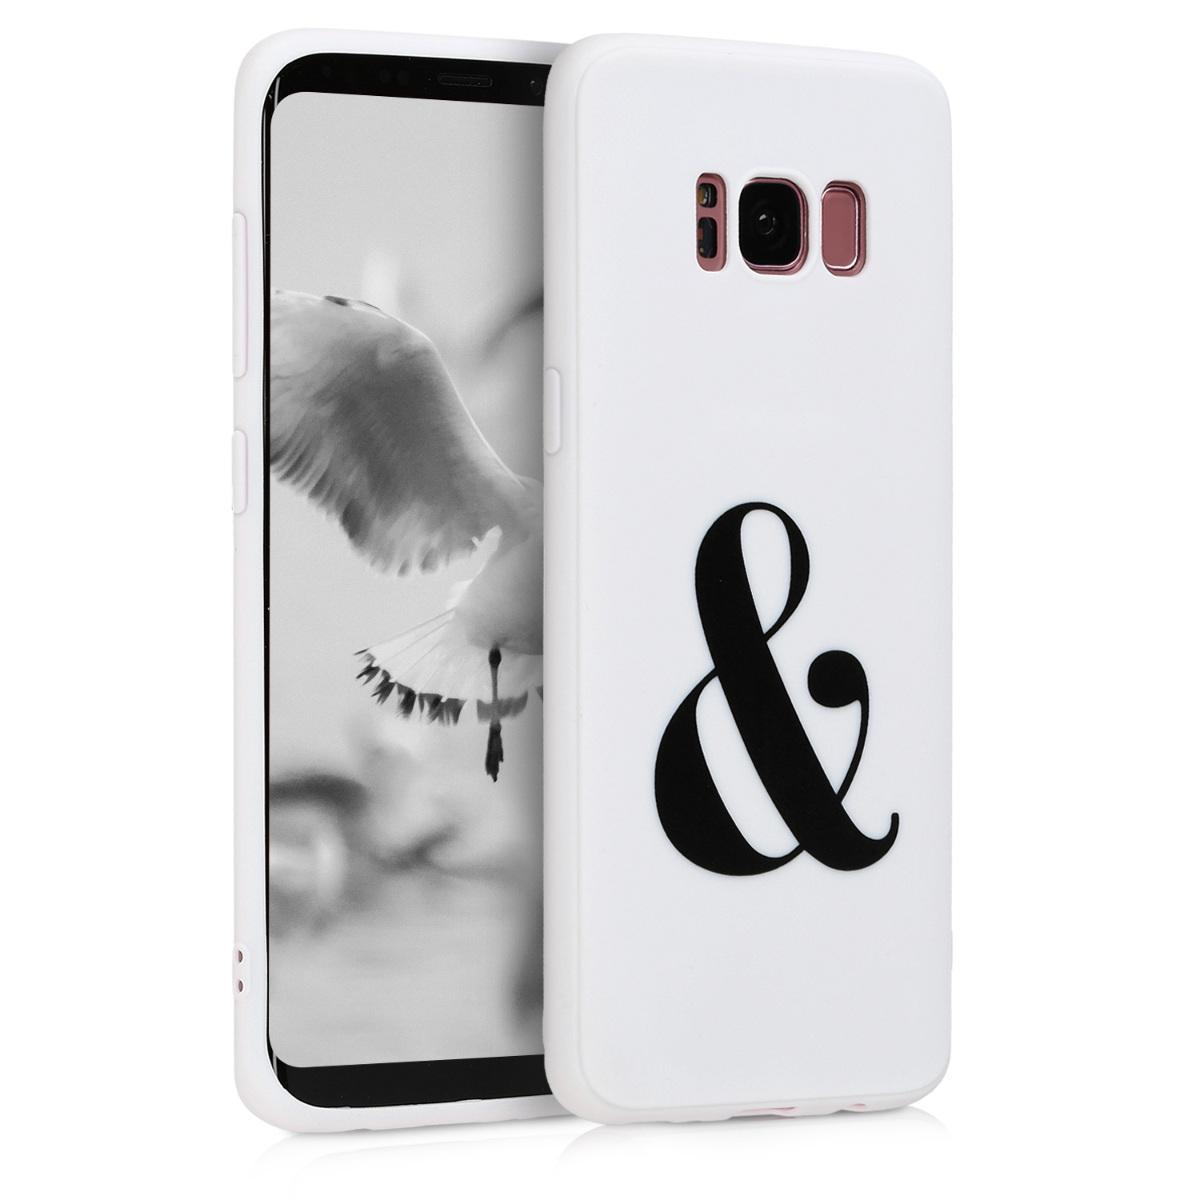 Kvalitní silikonové TPU pouzdro pro Samsung S8 - Ampersand černé / bílé